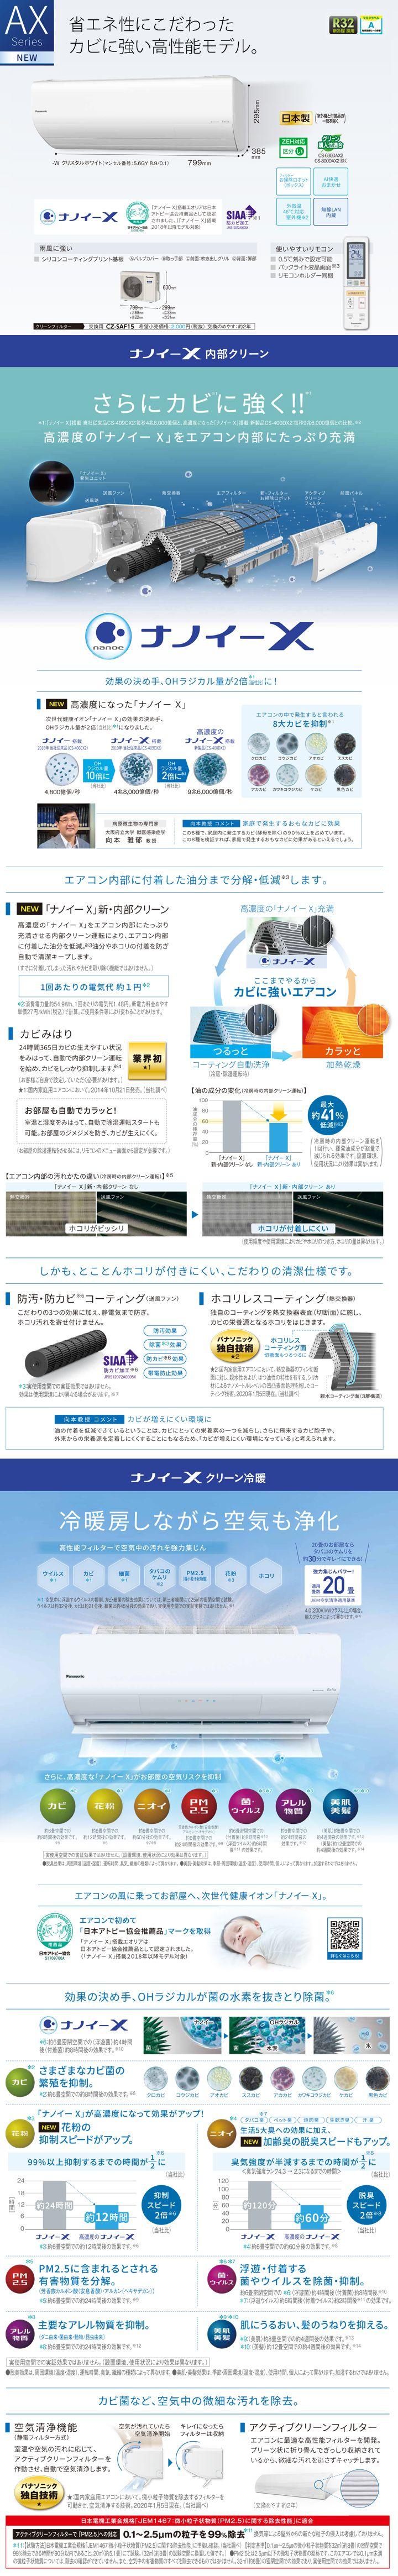 XCS-220DAX-W/Sカタログ